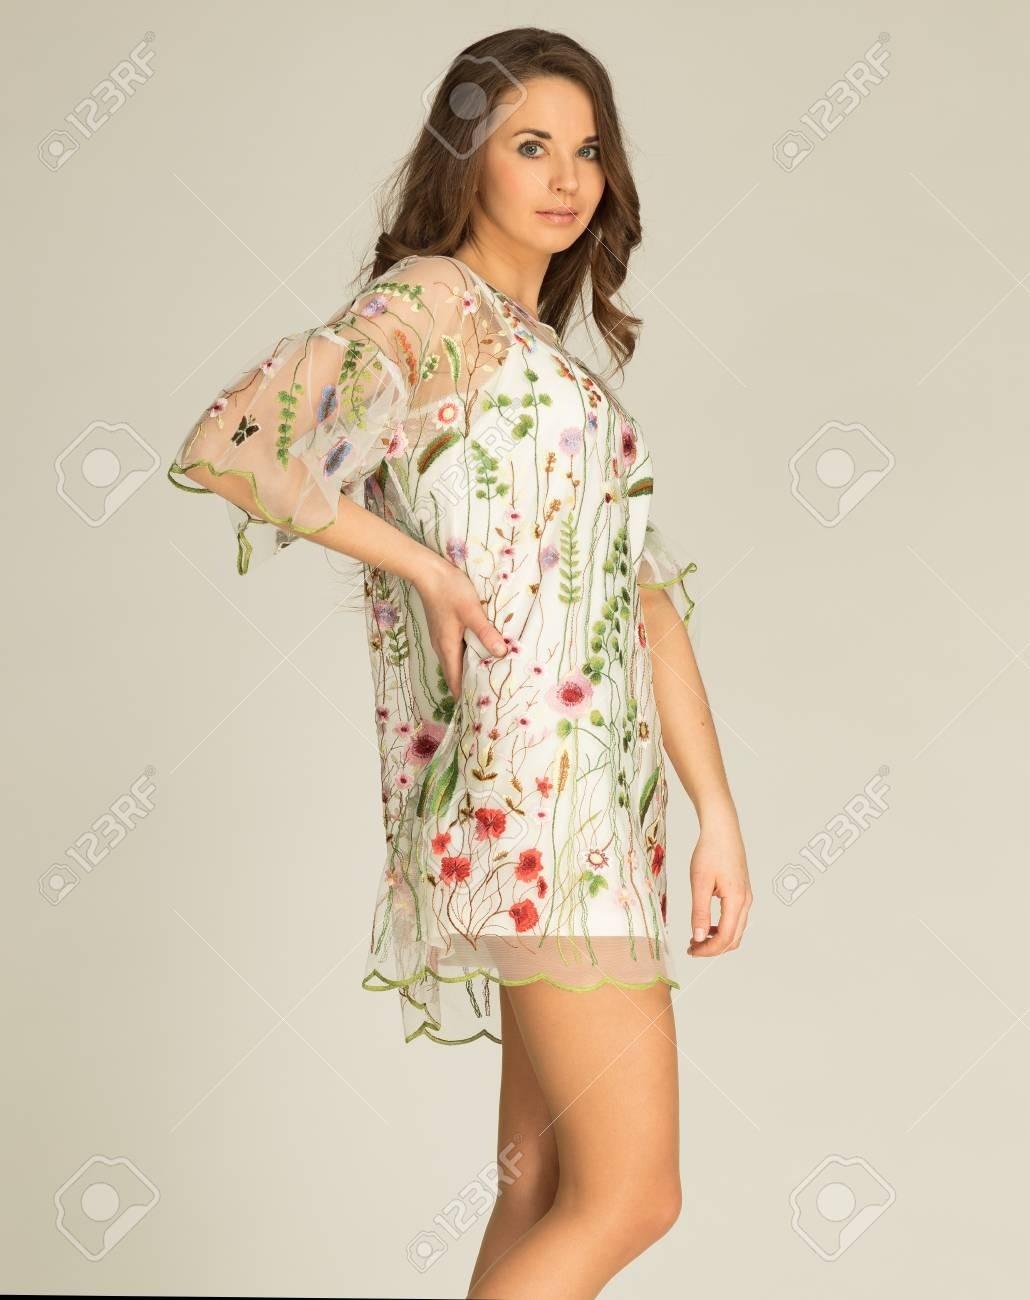 Formal Einzigartig Weißes Kleid Mit Blumen Vertrieb15 Schön Weißes Kleid Mit Blumen Vertrieb